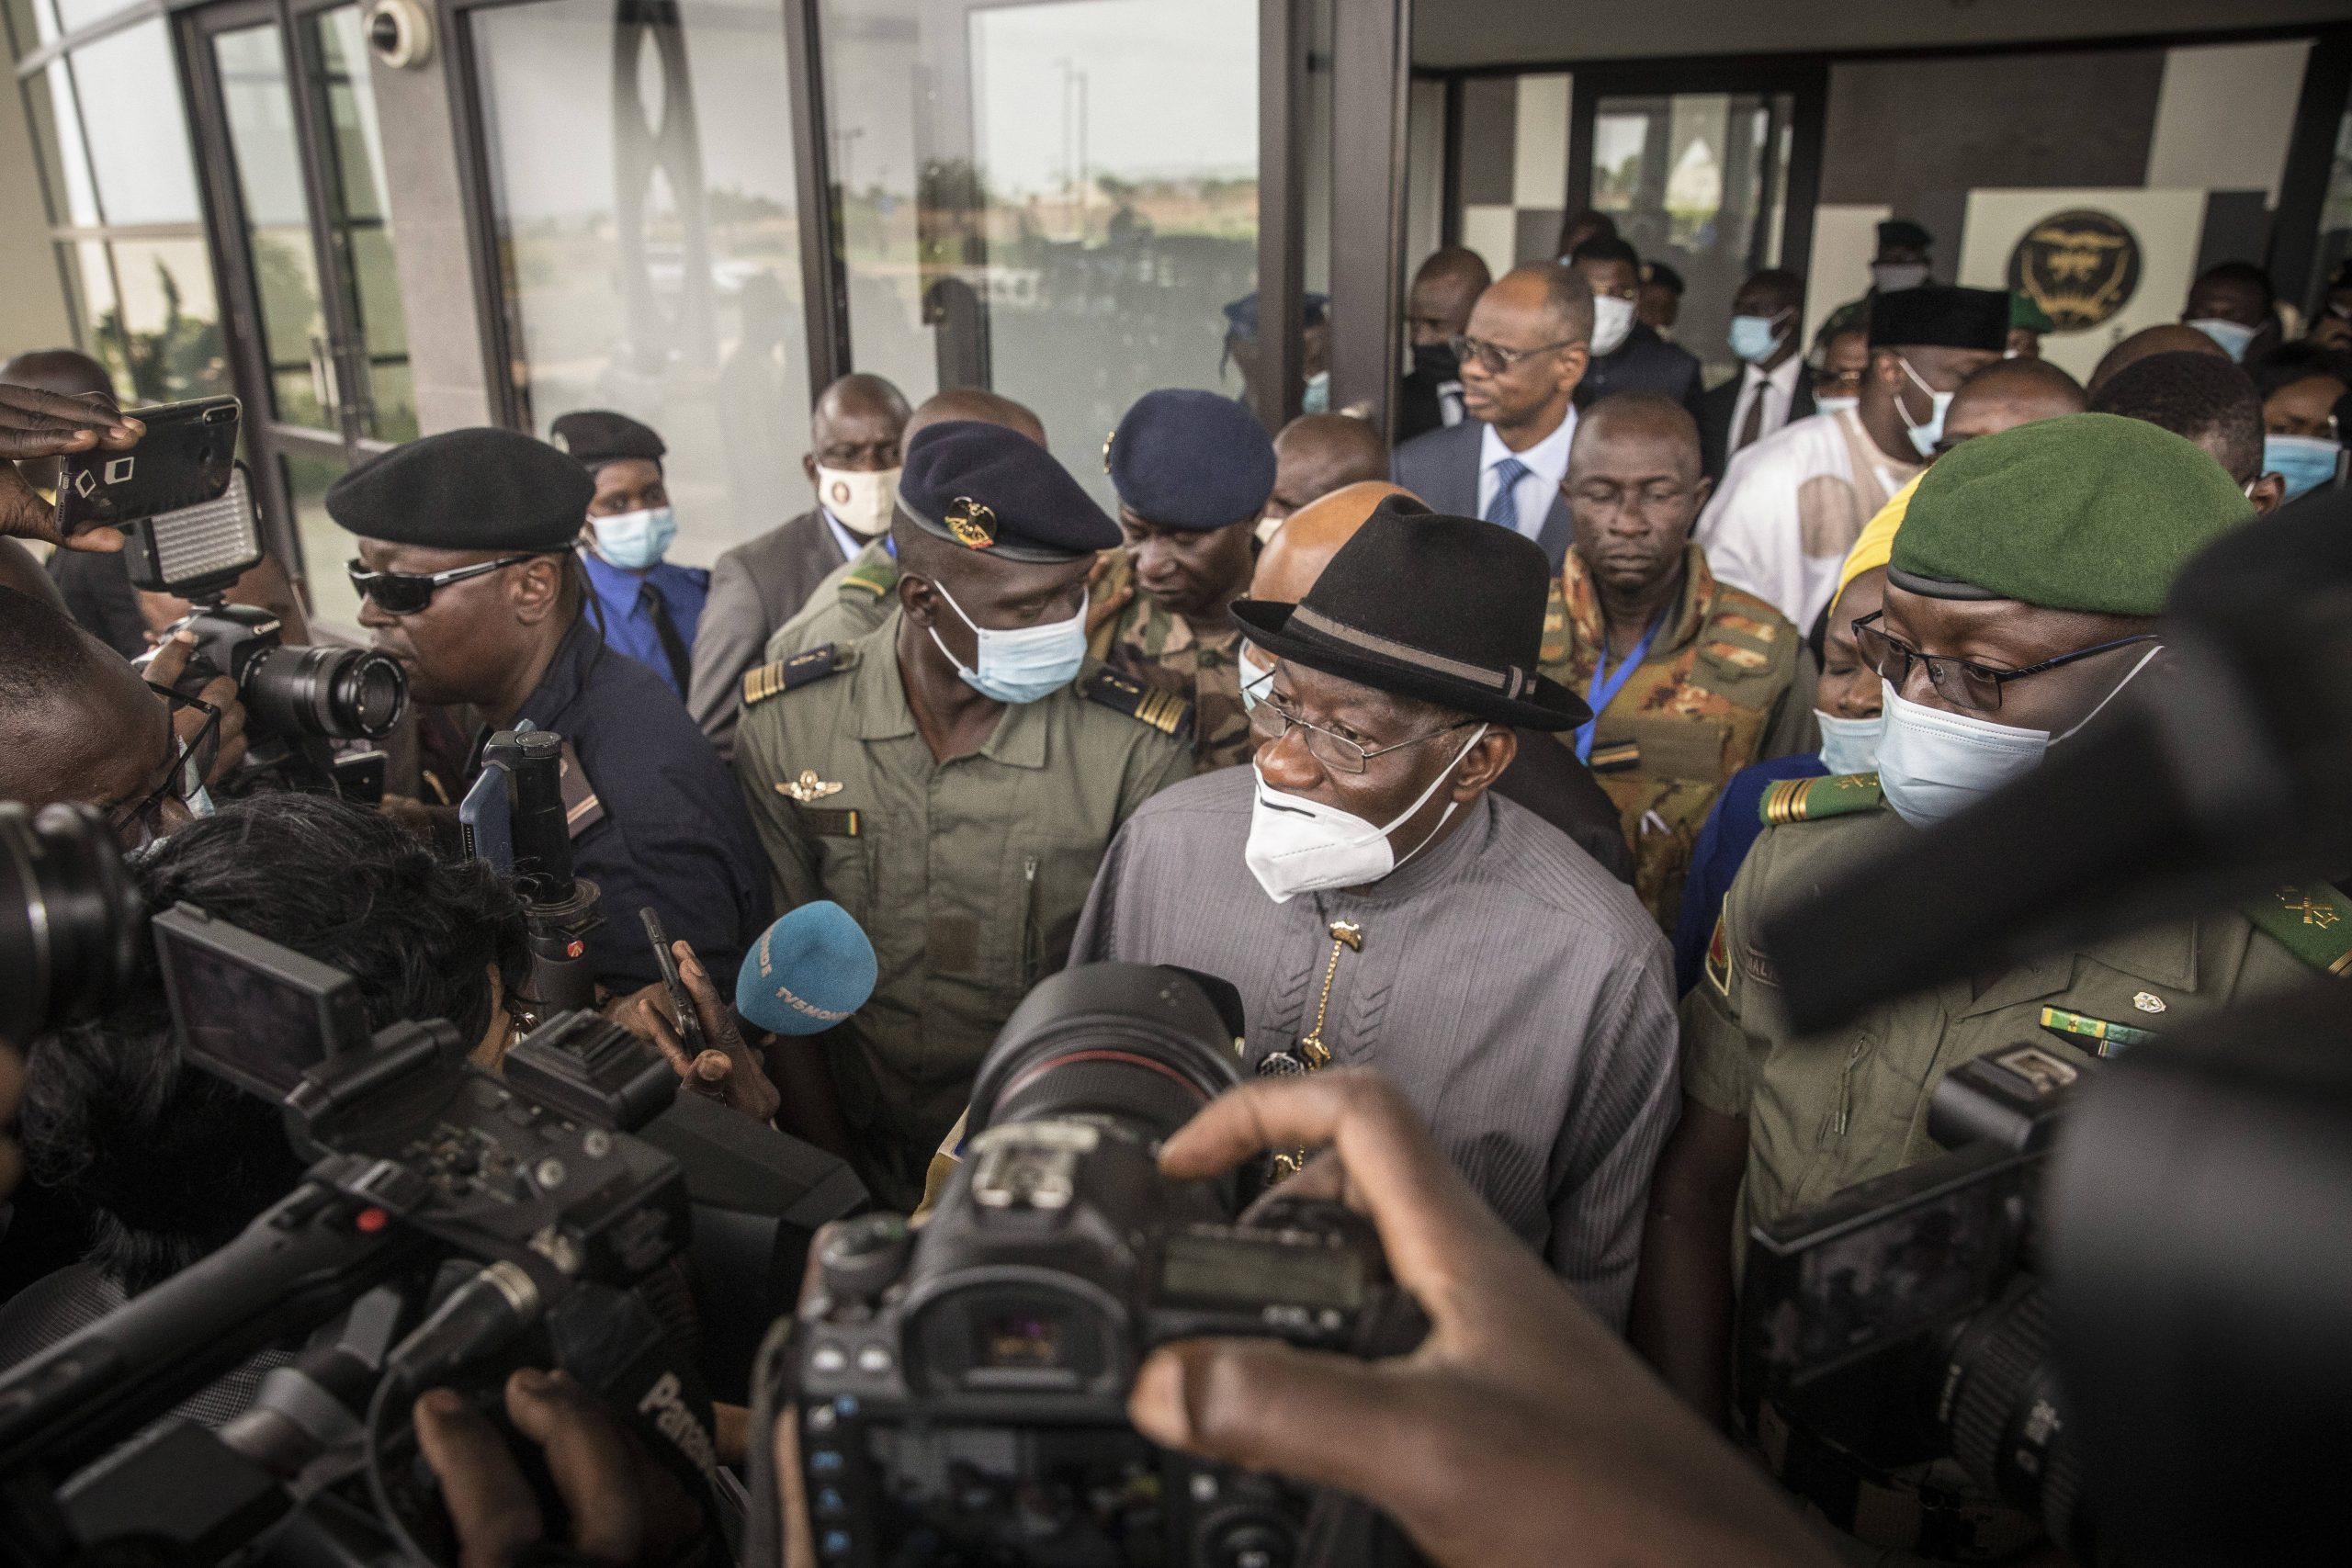 Le médiateur de la Cedeao Goodluck Jonathan, le 22 août à Bamako, à l'issue d'une rencontre avec les représentants des militaires du CNSP.